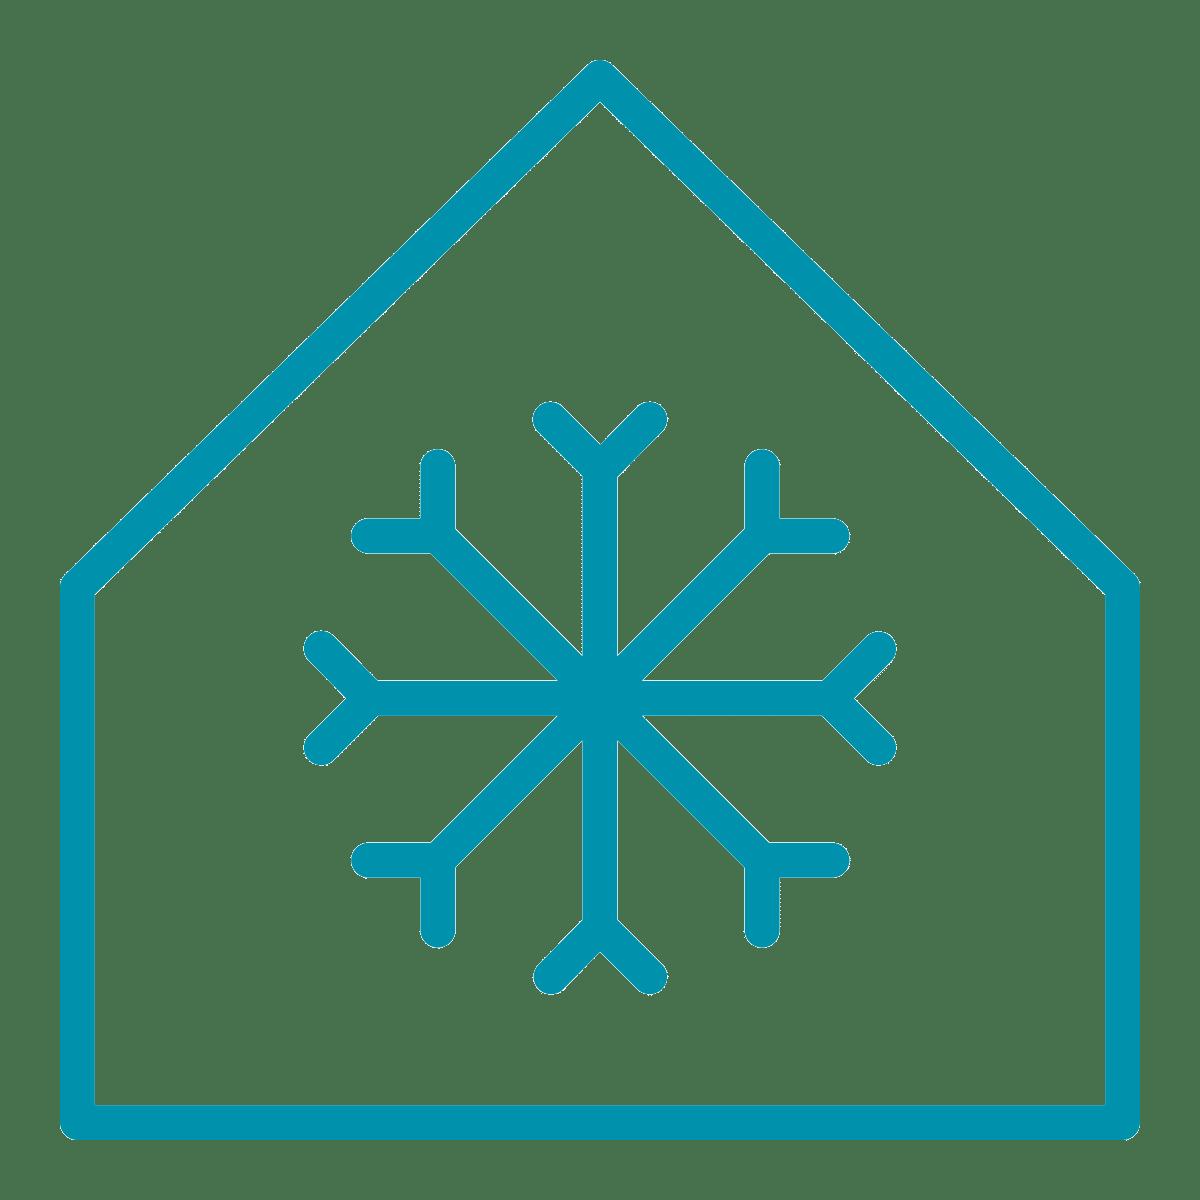 Kühlraumanlagen